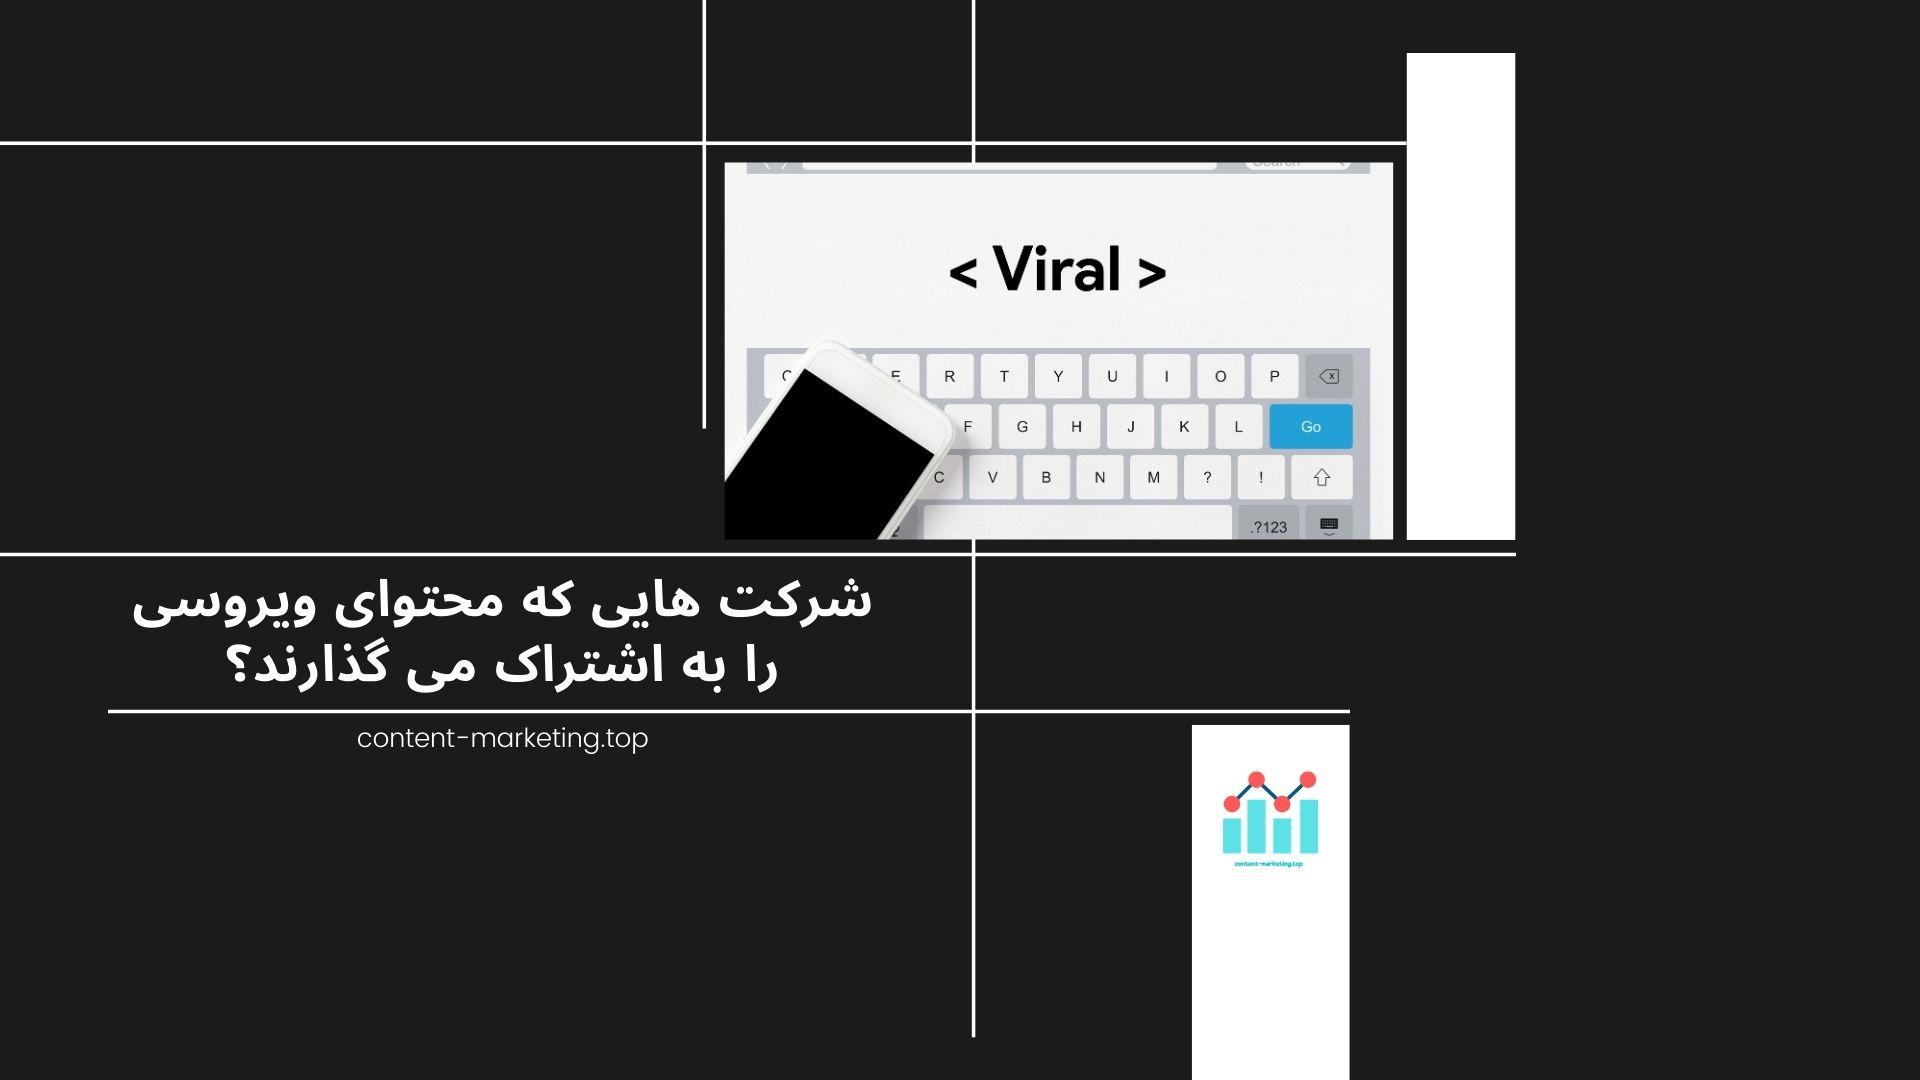 شرکت هایی که محتوای ویروسی را به اشتراک می گذارند